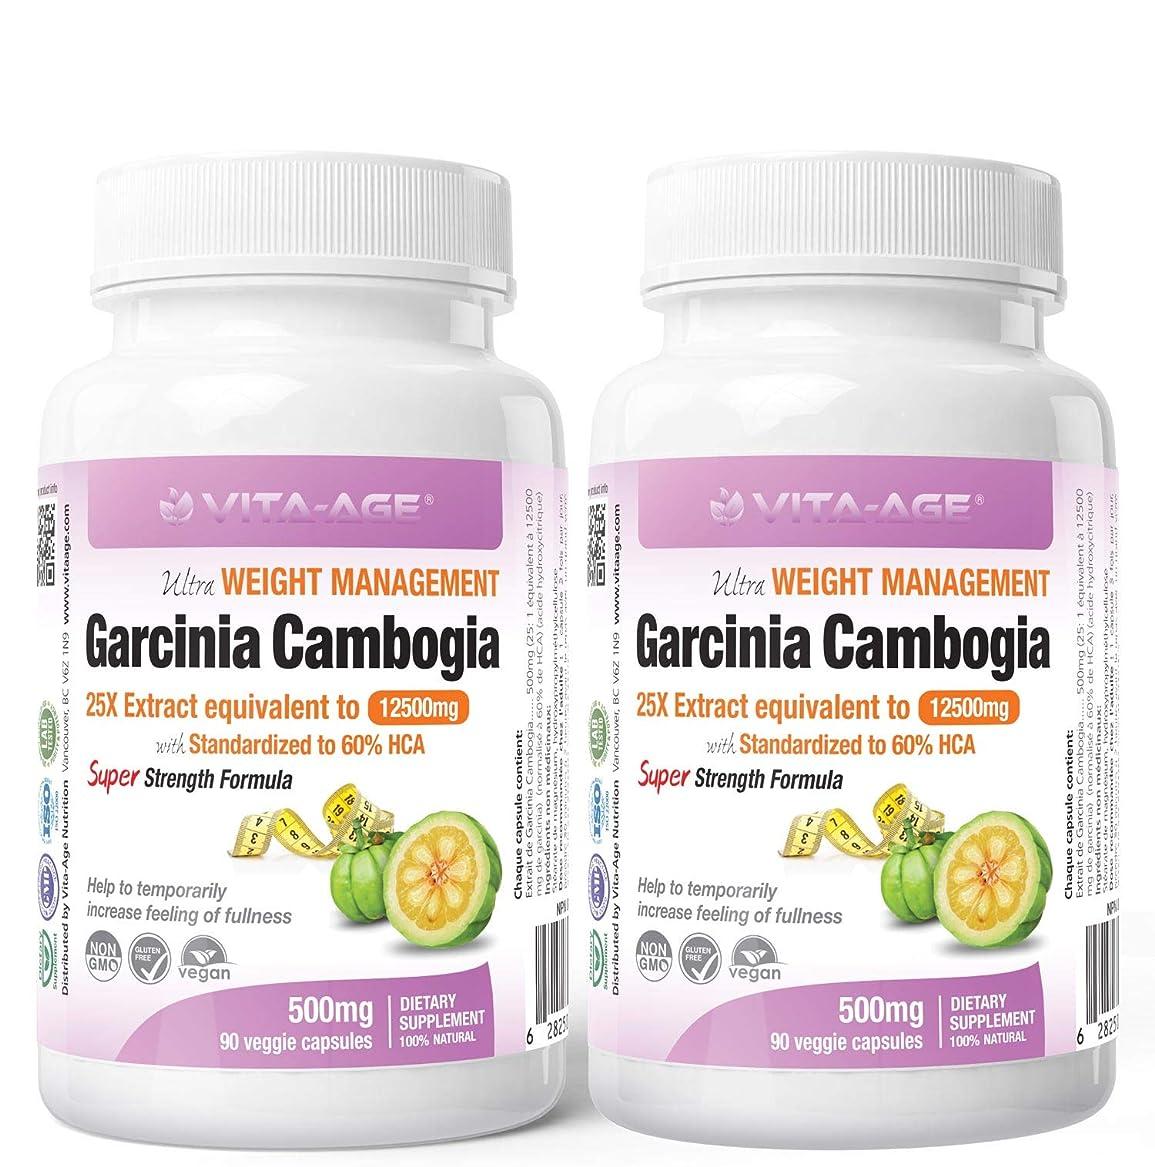 換気骨の折れるカフェ配送料無料 VITA-AGE【2個】 Garcinia Cambogia 25X Extract ガルシニアカンボジア 12500mg, ほっそりしたからだ (1日3回1カプセル/90粒入) 【海外直送品】